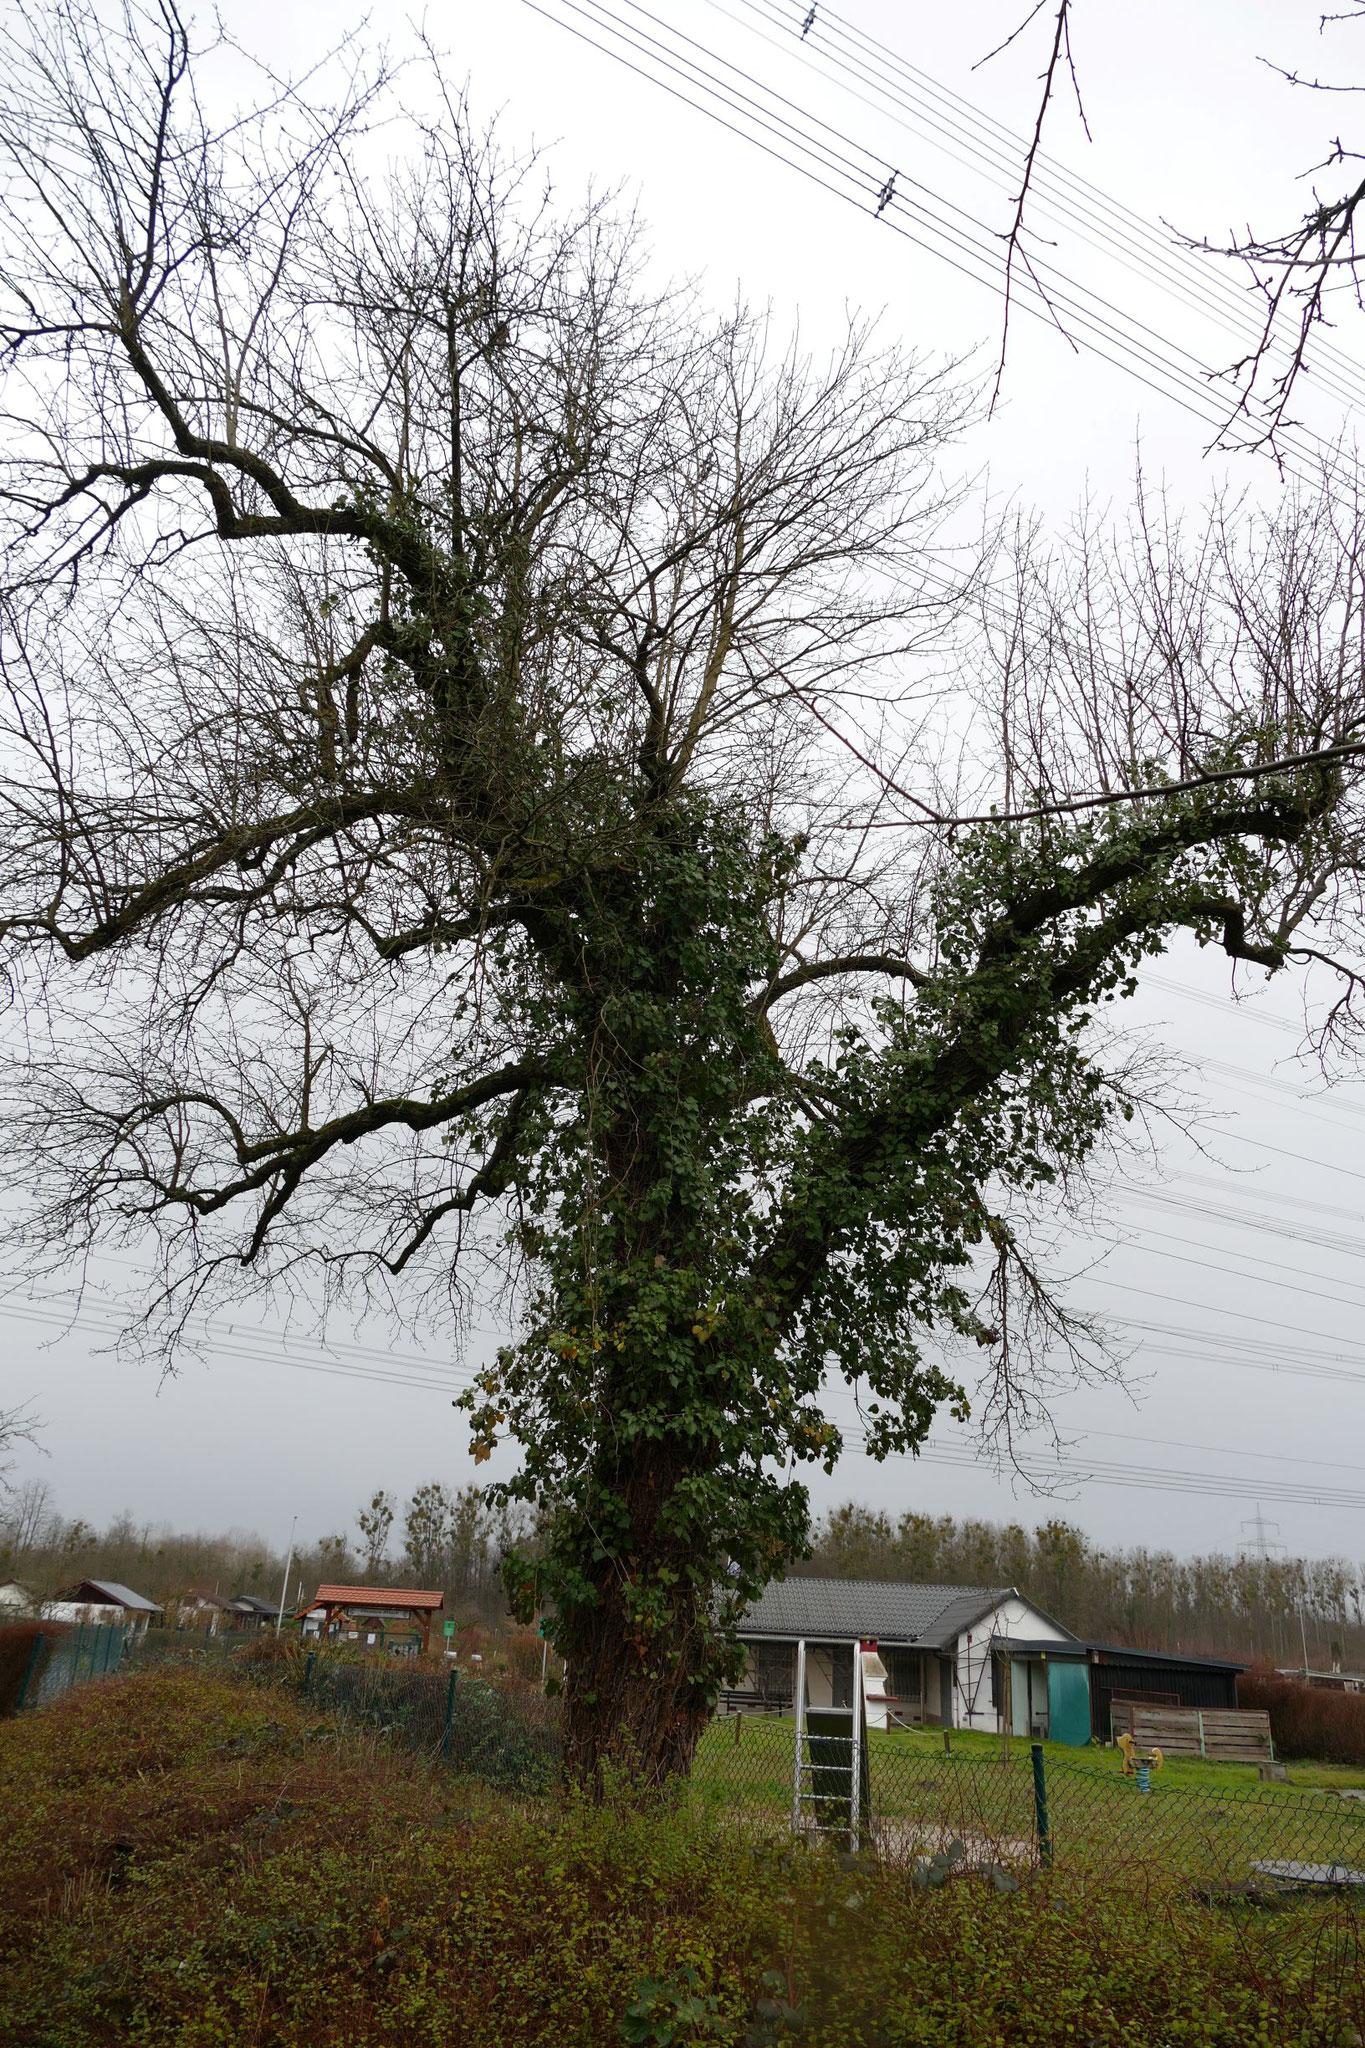 Aber Streuobstwiesen müssen gepflegt werden: ungeschnittene Obstbäume gehen langfristig kaputt